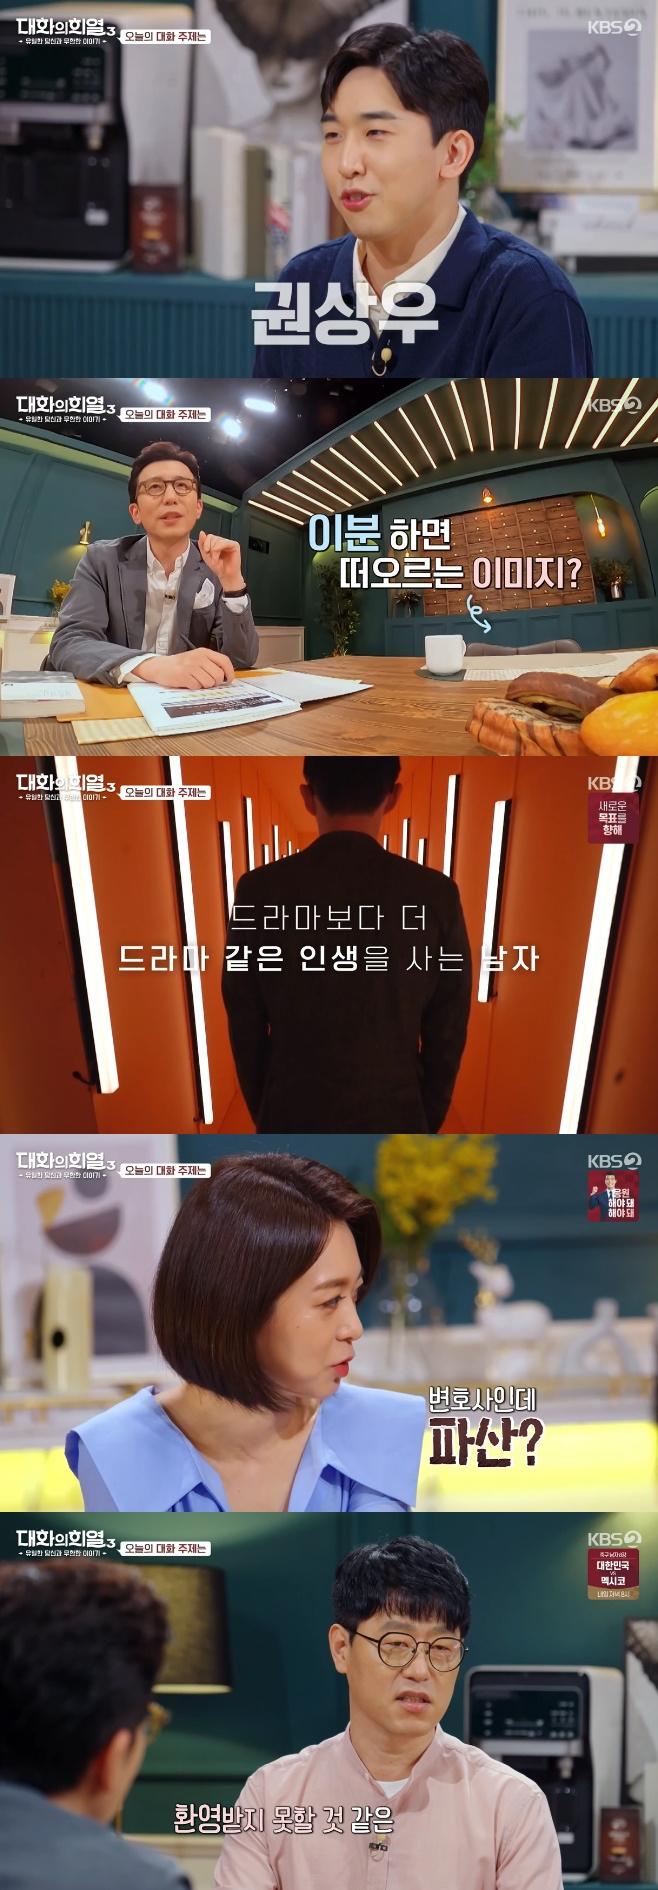 대화의 희열3